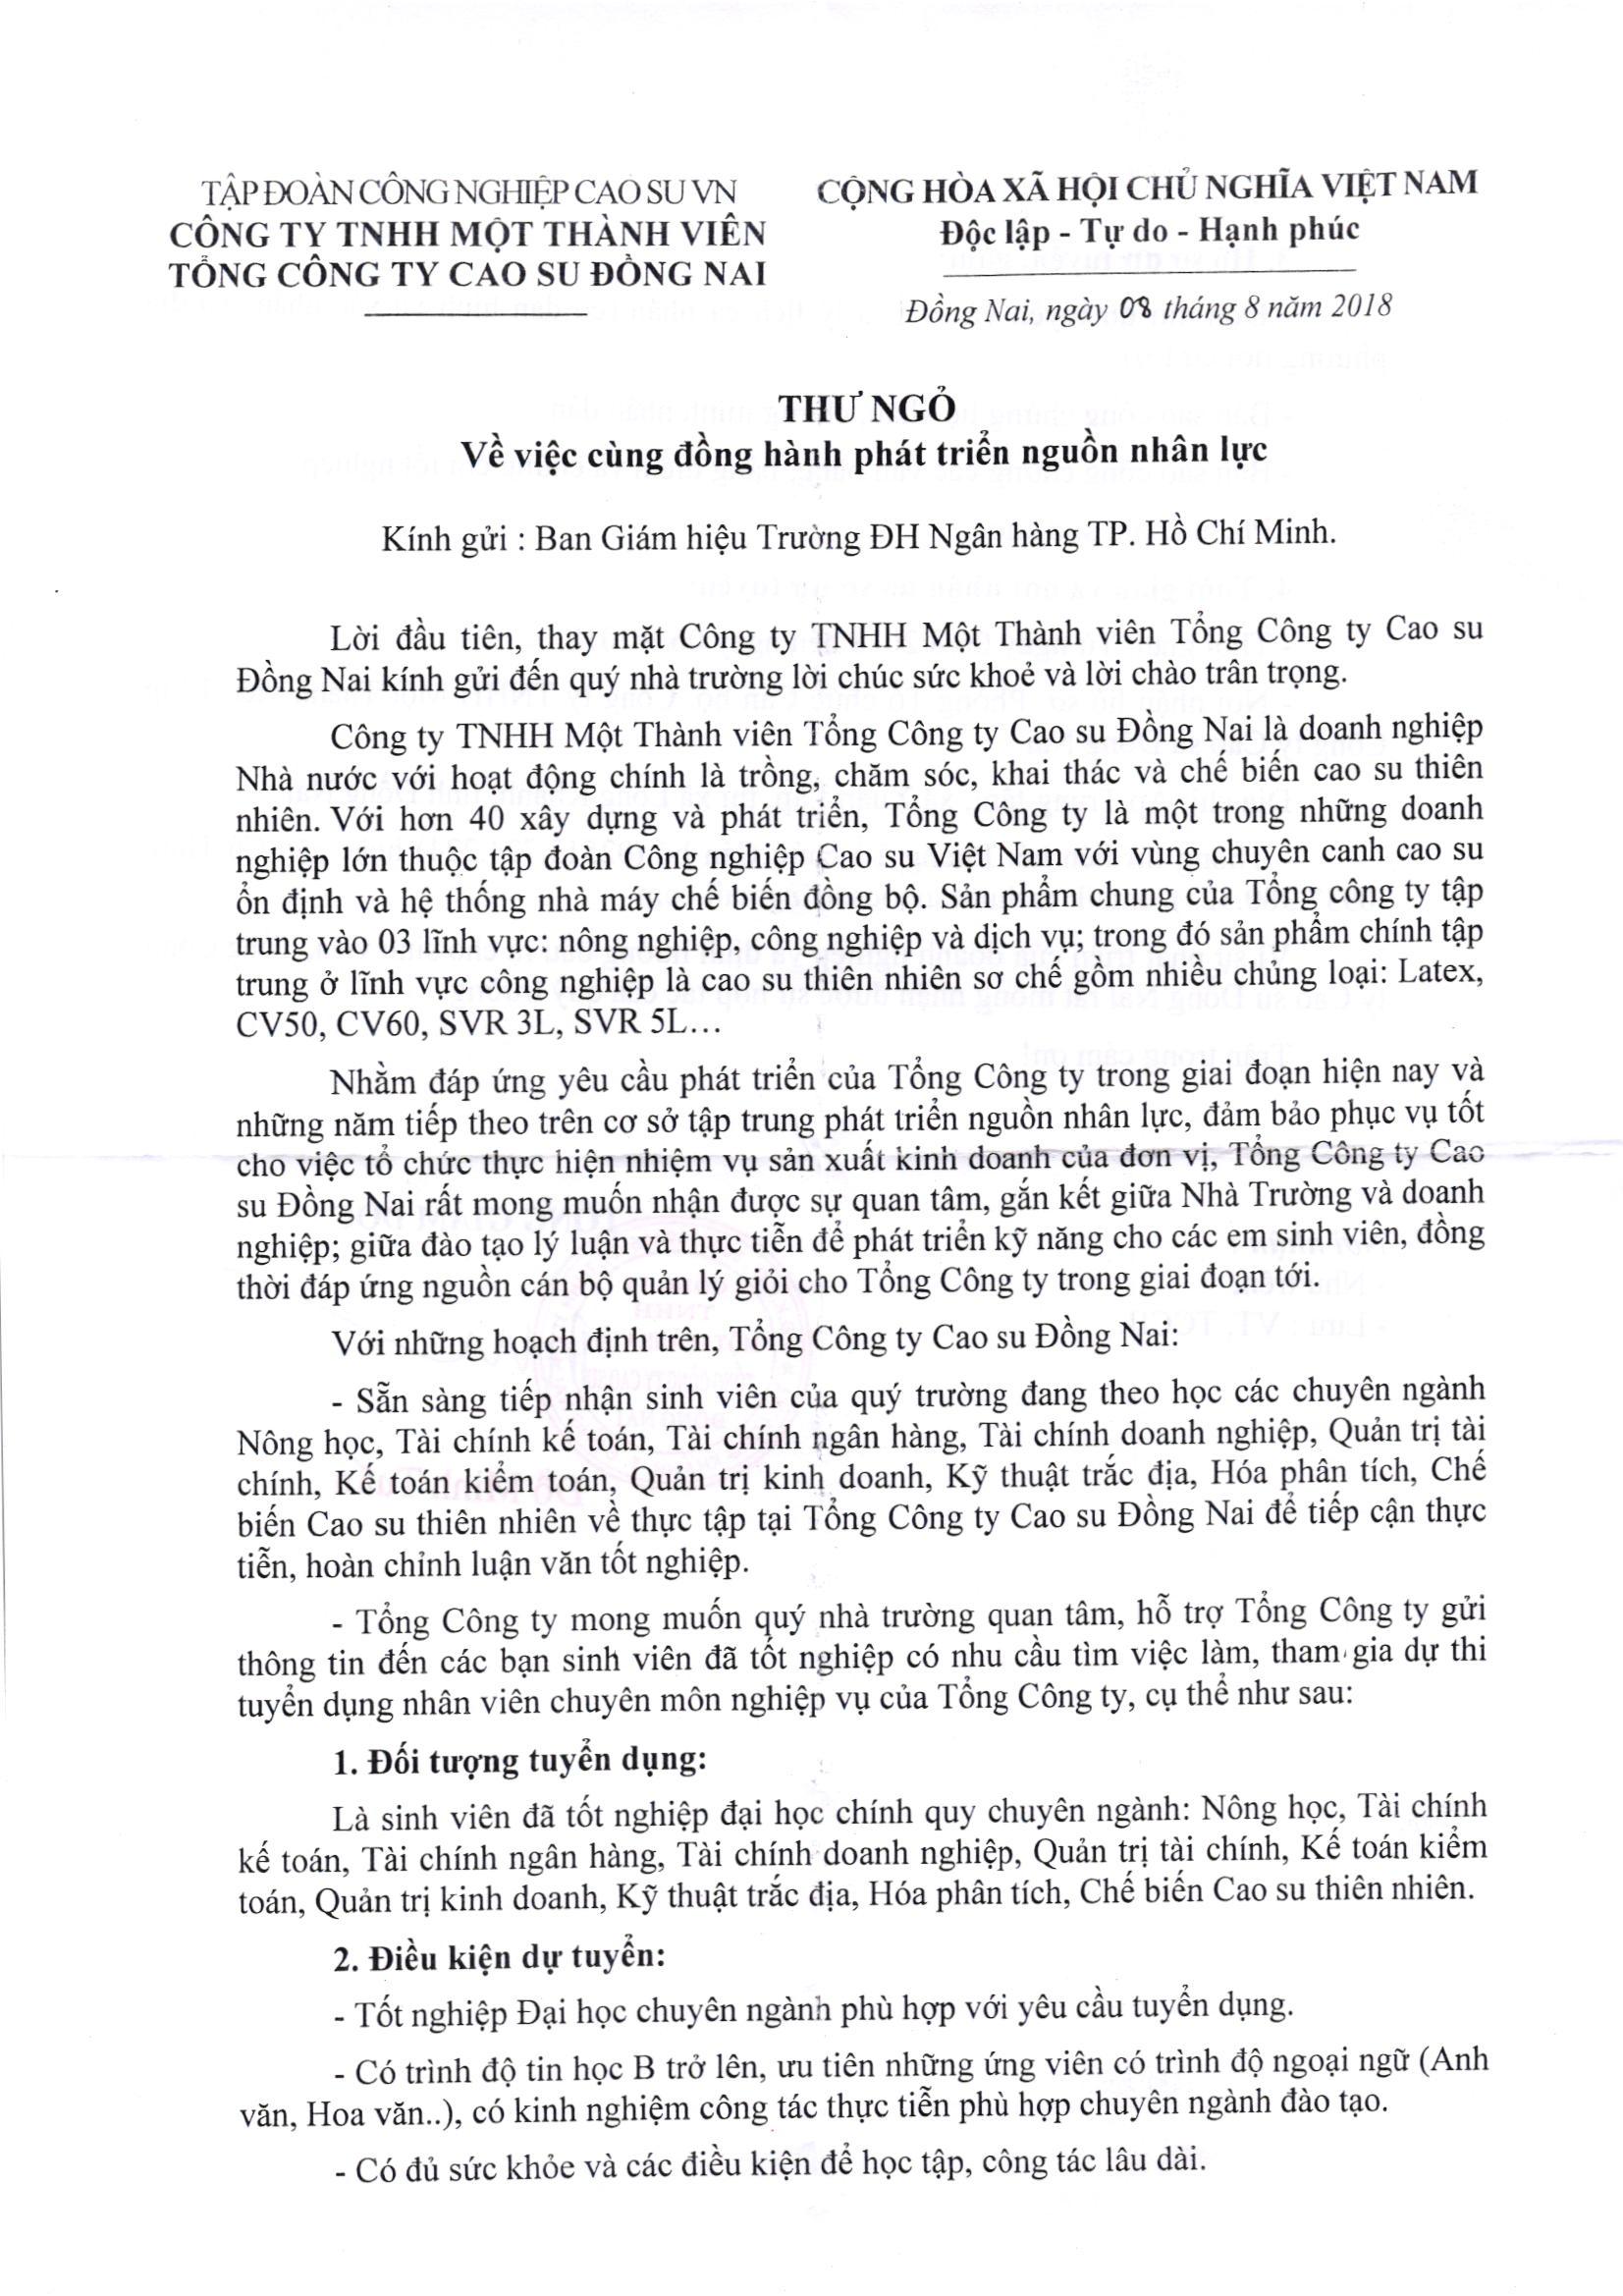 Thu tuyen dung-Cty Cao su Dong Nai_Page_1